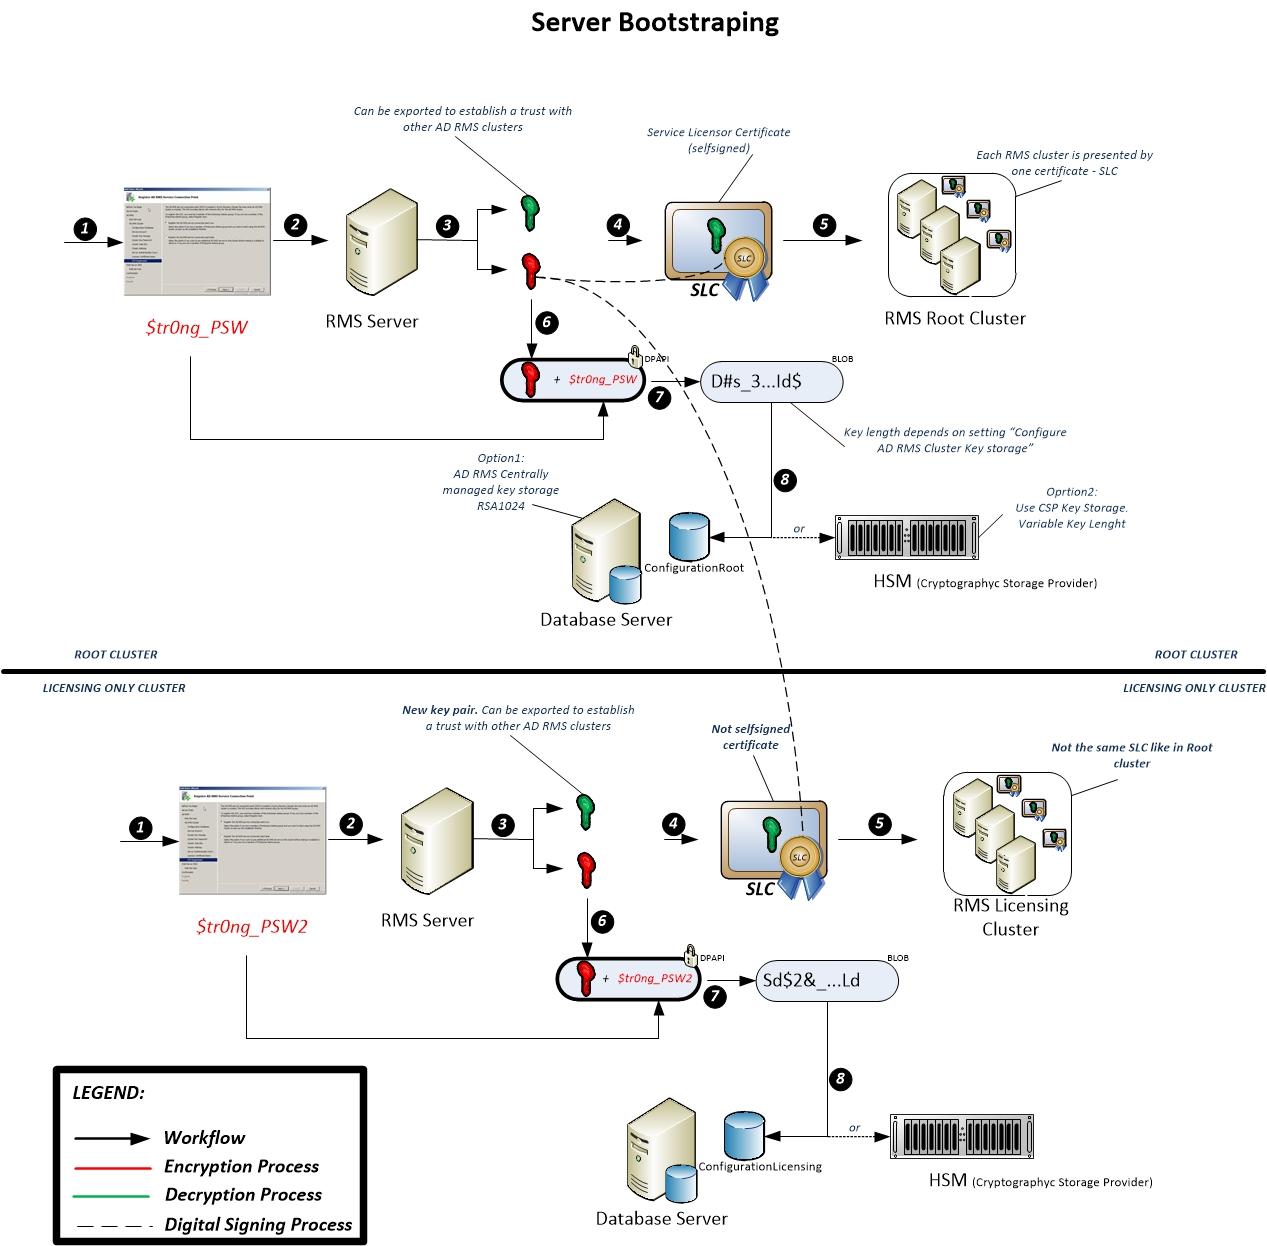 Server Bootstraping_v.1.0